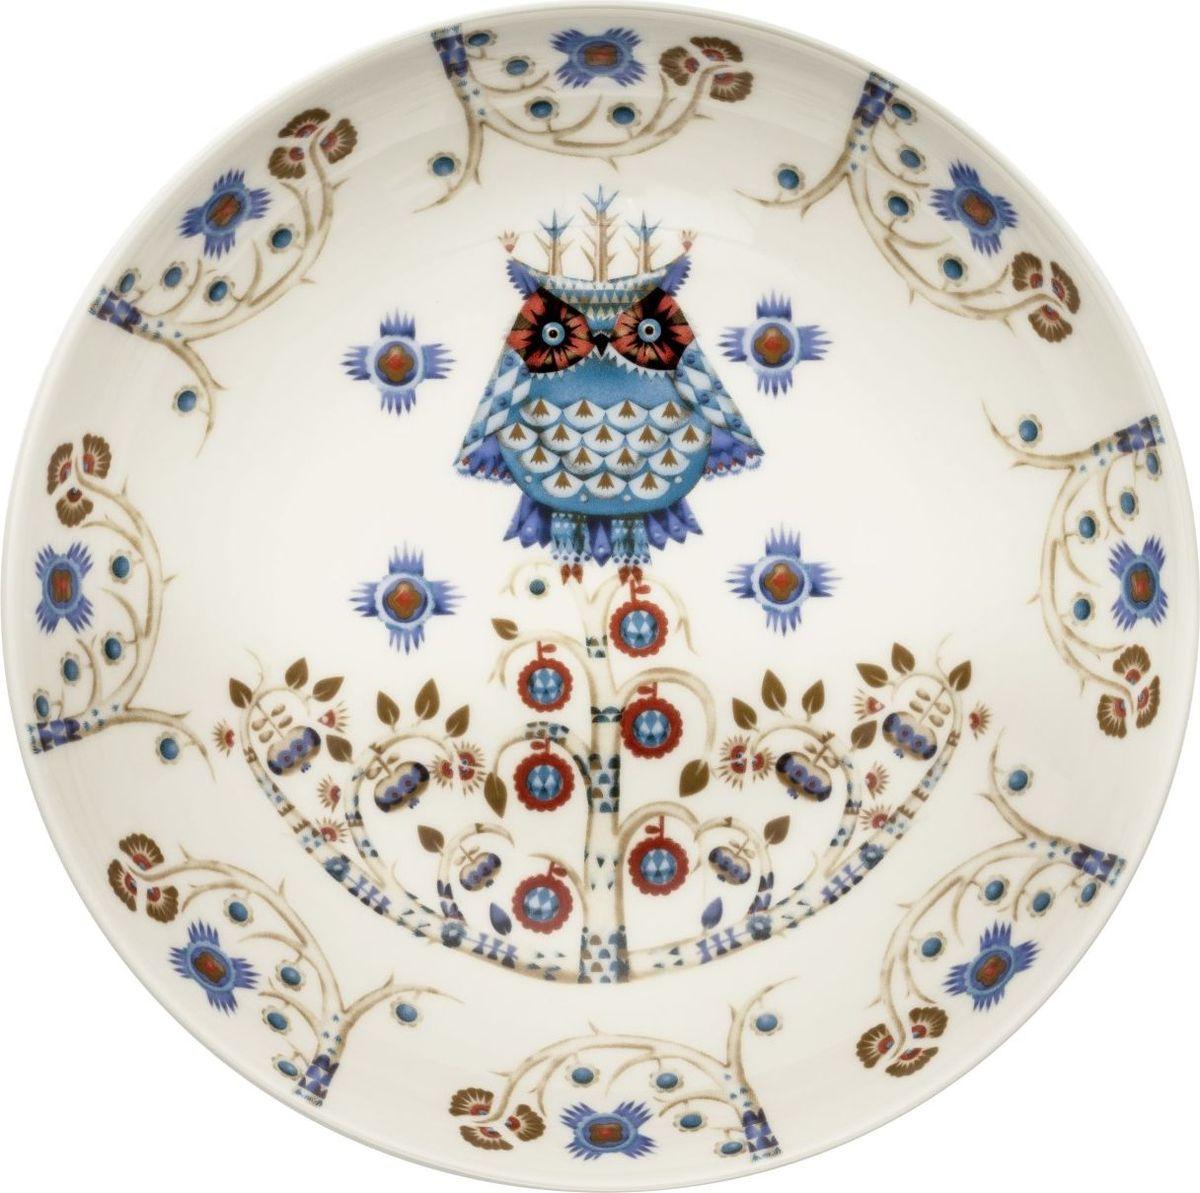 Тарелка глубокая Iittala Taika, цвет: белый, диаметр 20 см1023150На финском языке Taika означает «волшебство». Знаменитый финиский дизайнер и иллюстратор Klaus Haapaniemi хочет, чтобы его иллюстрации дали толчок вашему воображению. В сочетании с другими сериями Iittala, Taika позволяет прикоснуться к миру фантазии, впустить волшебство в нашу повседневную жизнь.